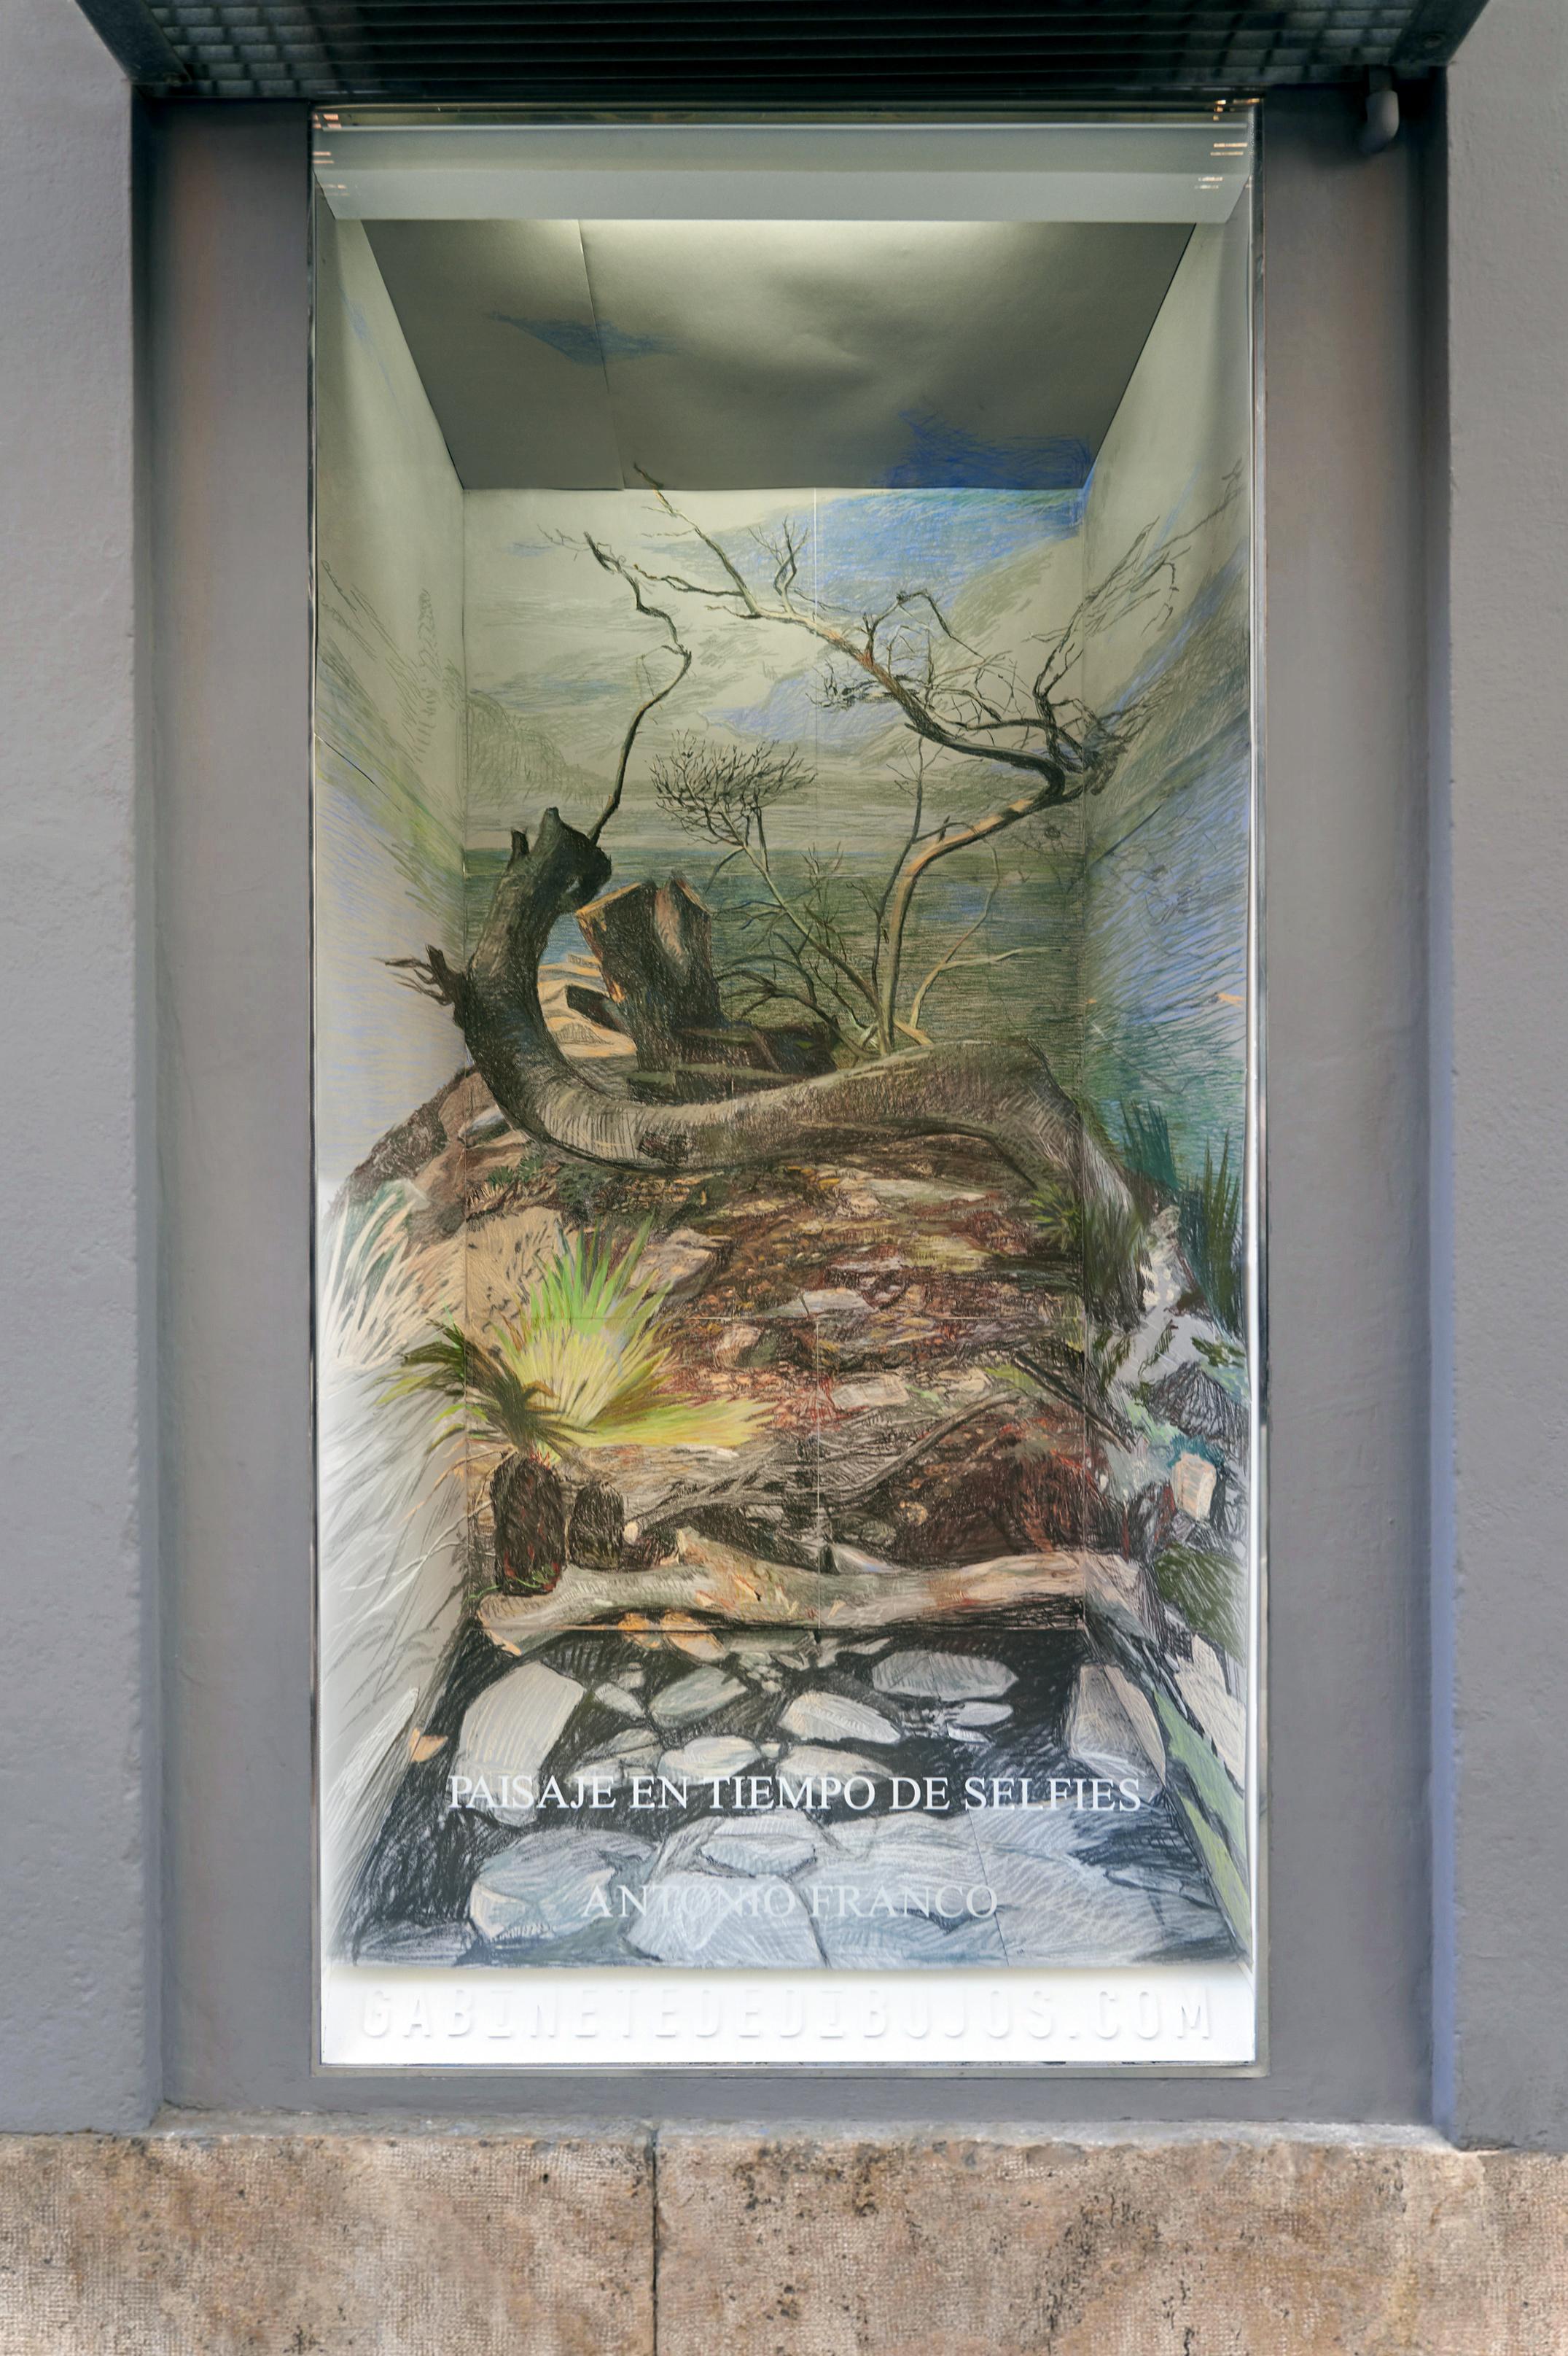 PAISAJE EN TIEMPO DE SELFIES de Antonio Franco en el Gabinete de dibujos